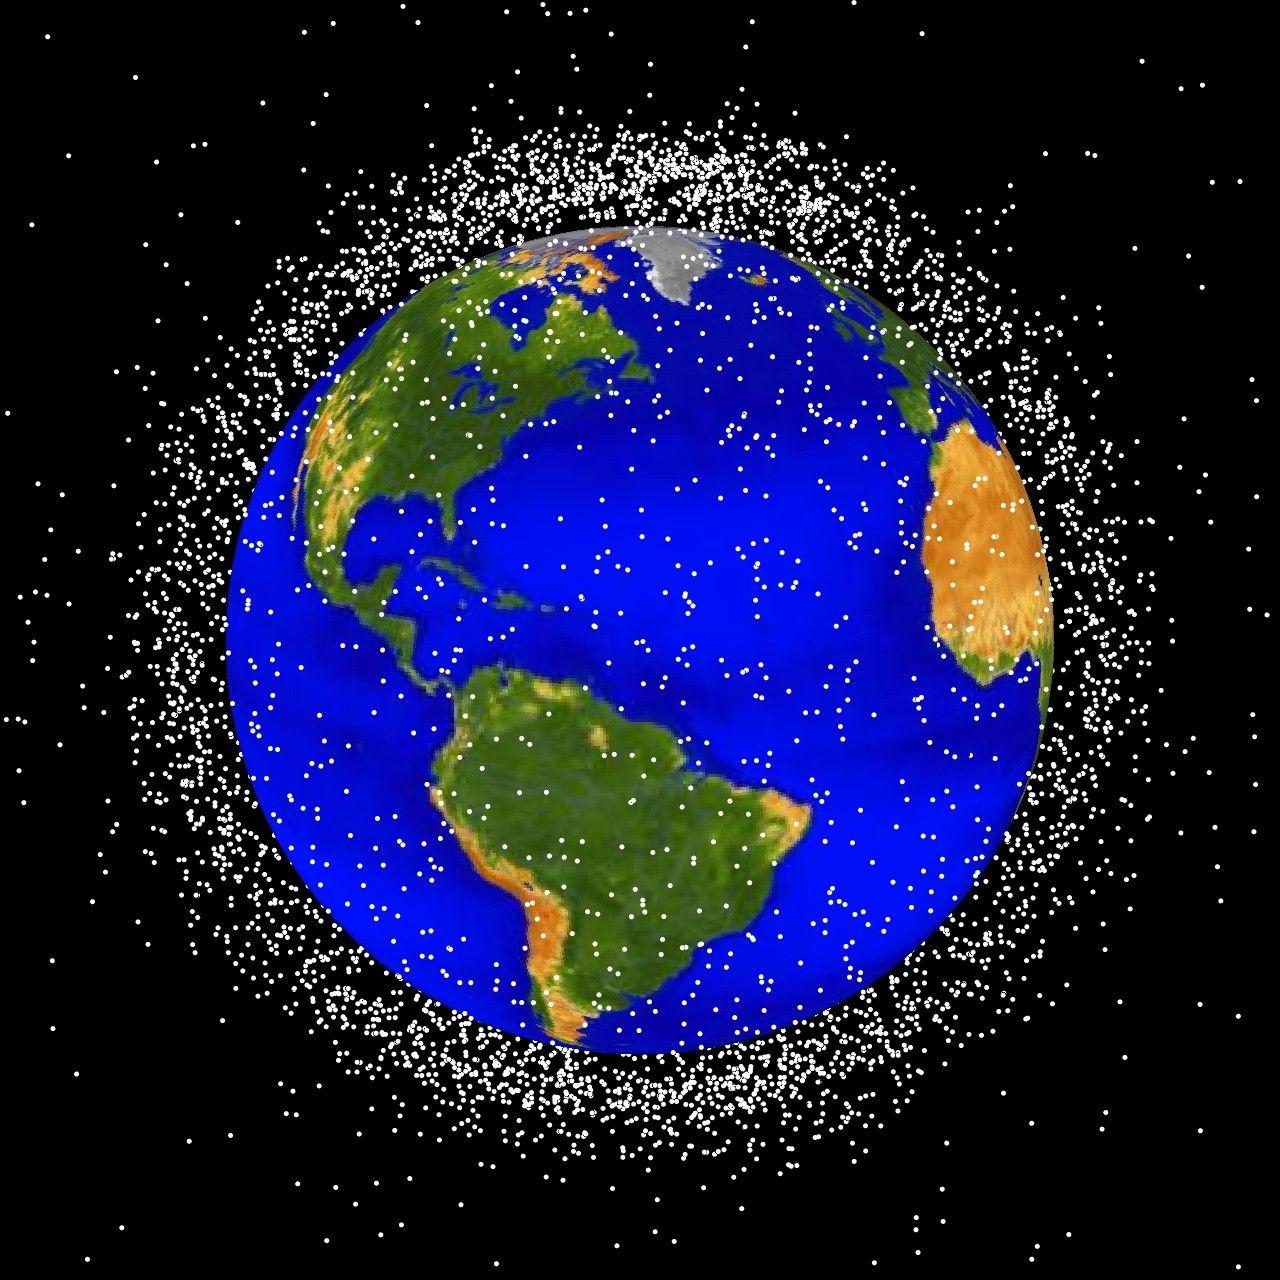 Ilustração dos detritos espaciais em torno na Terra. Imagem fora de escala.